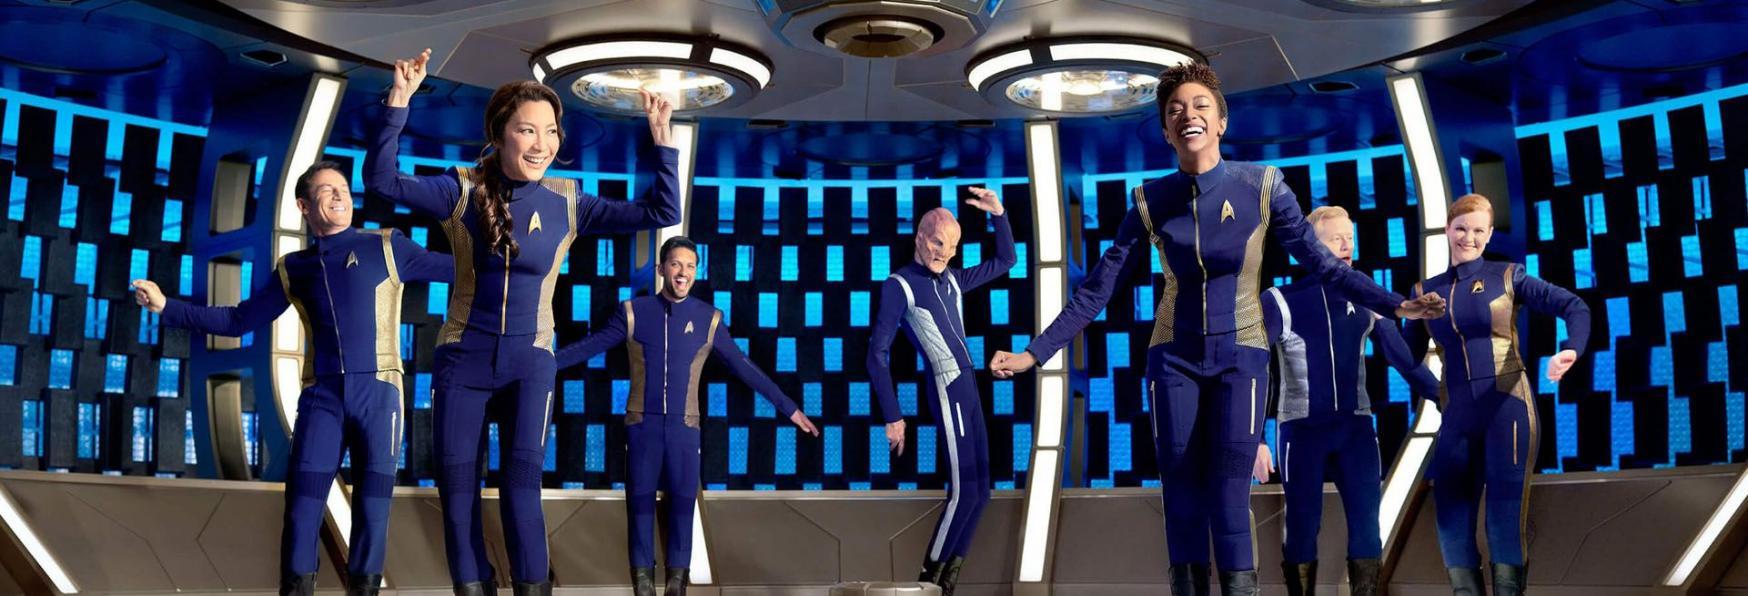 Star Trek: Discovery 3 - Rilasciato il nuovo Trailer della Stagione Inedita